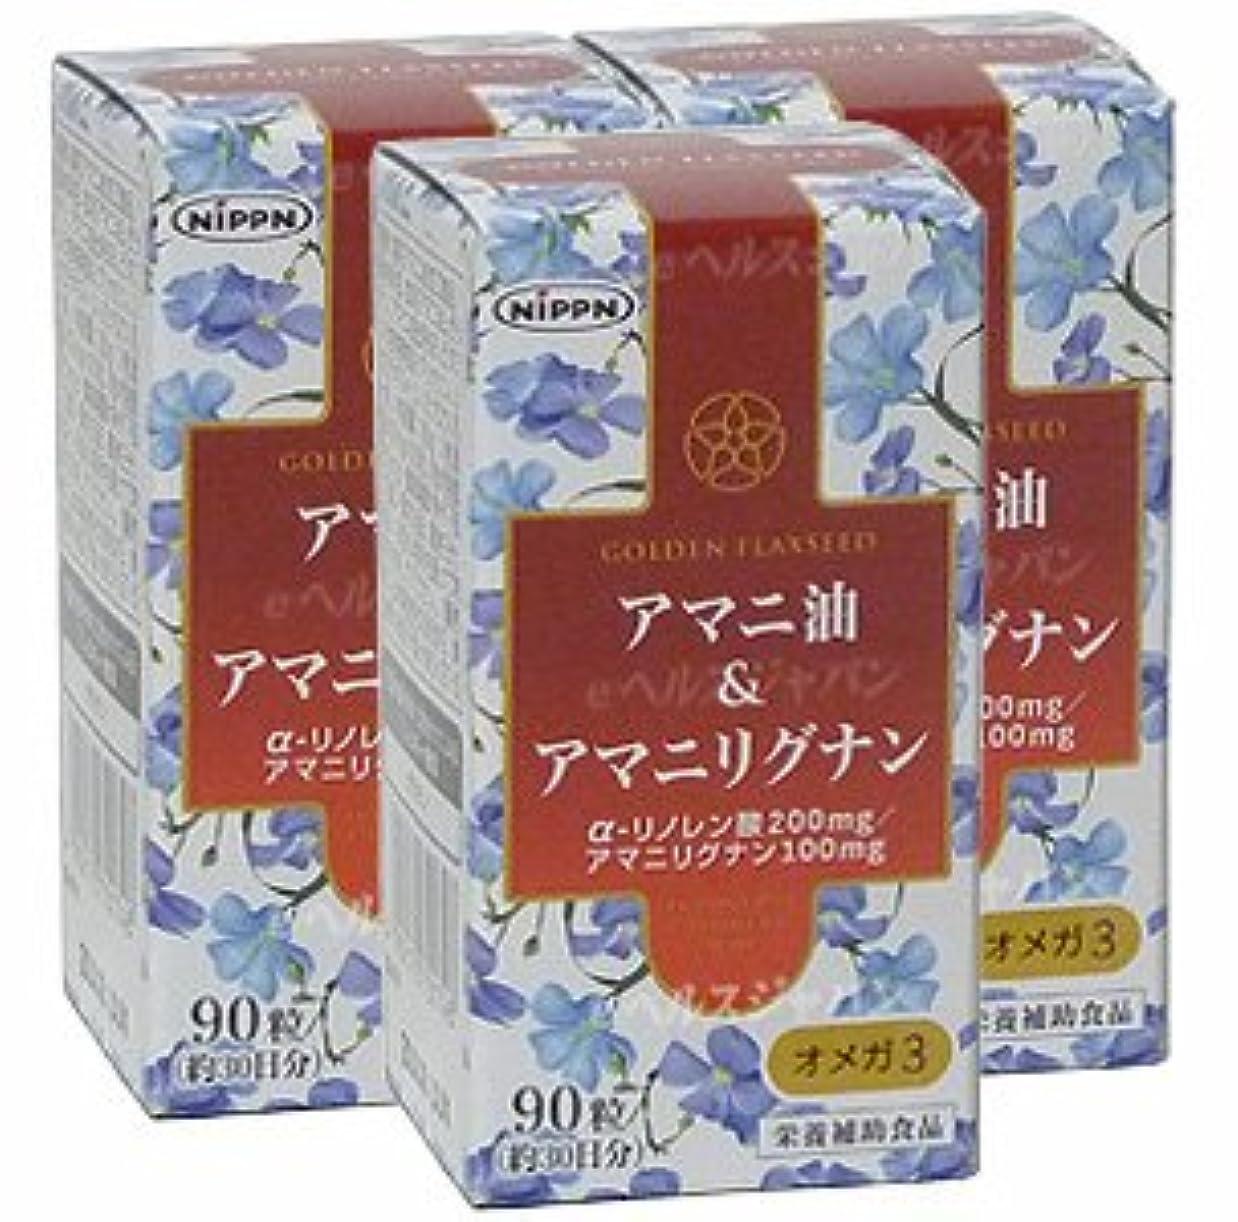 冷ややかな影響を受けやすいですダイヤモンドアマニ油&アマニリグナン【3本セット】日本製粉